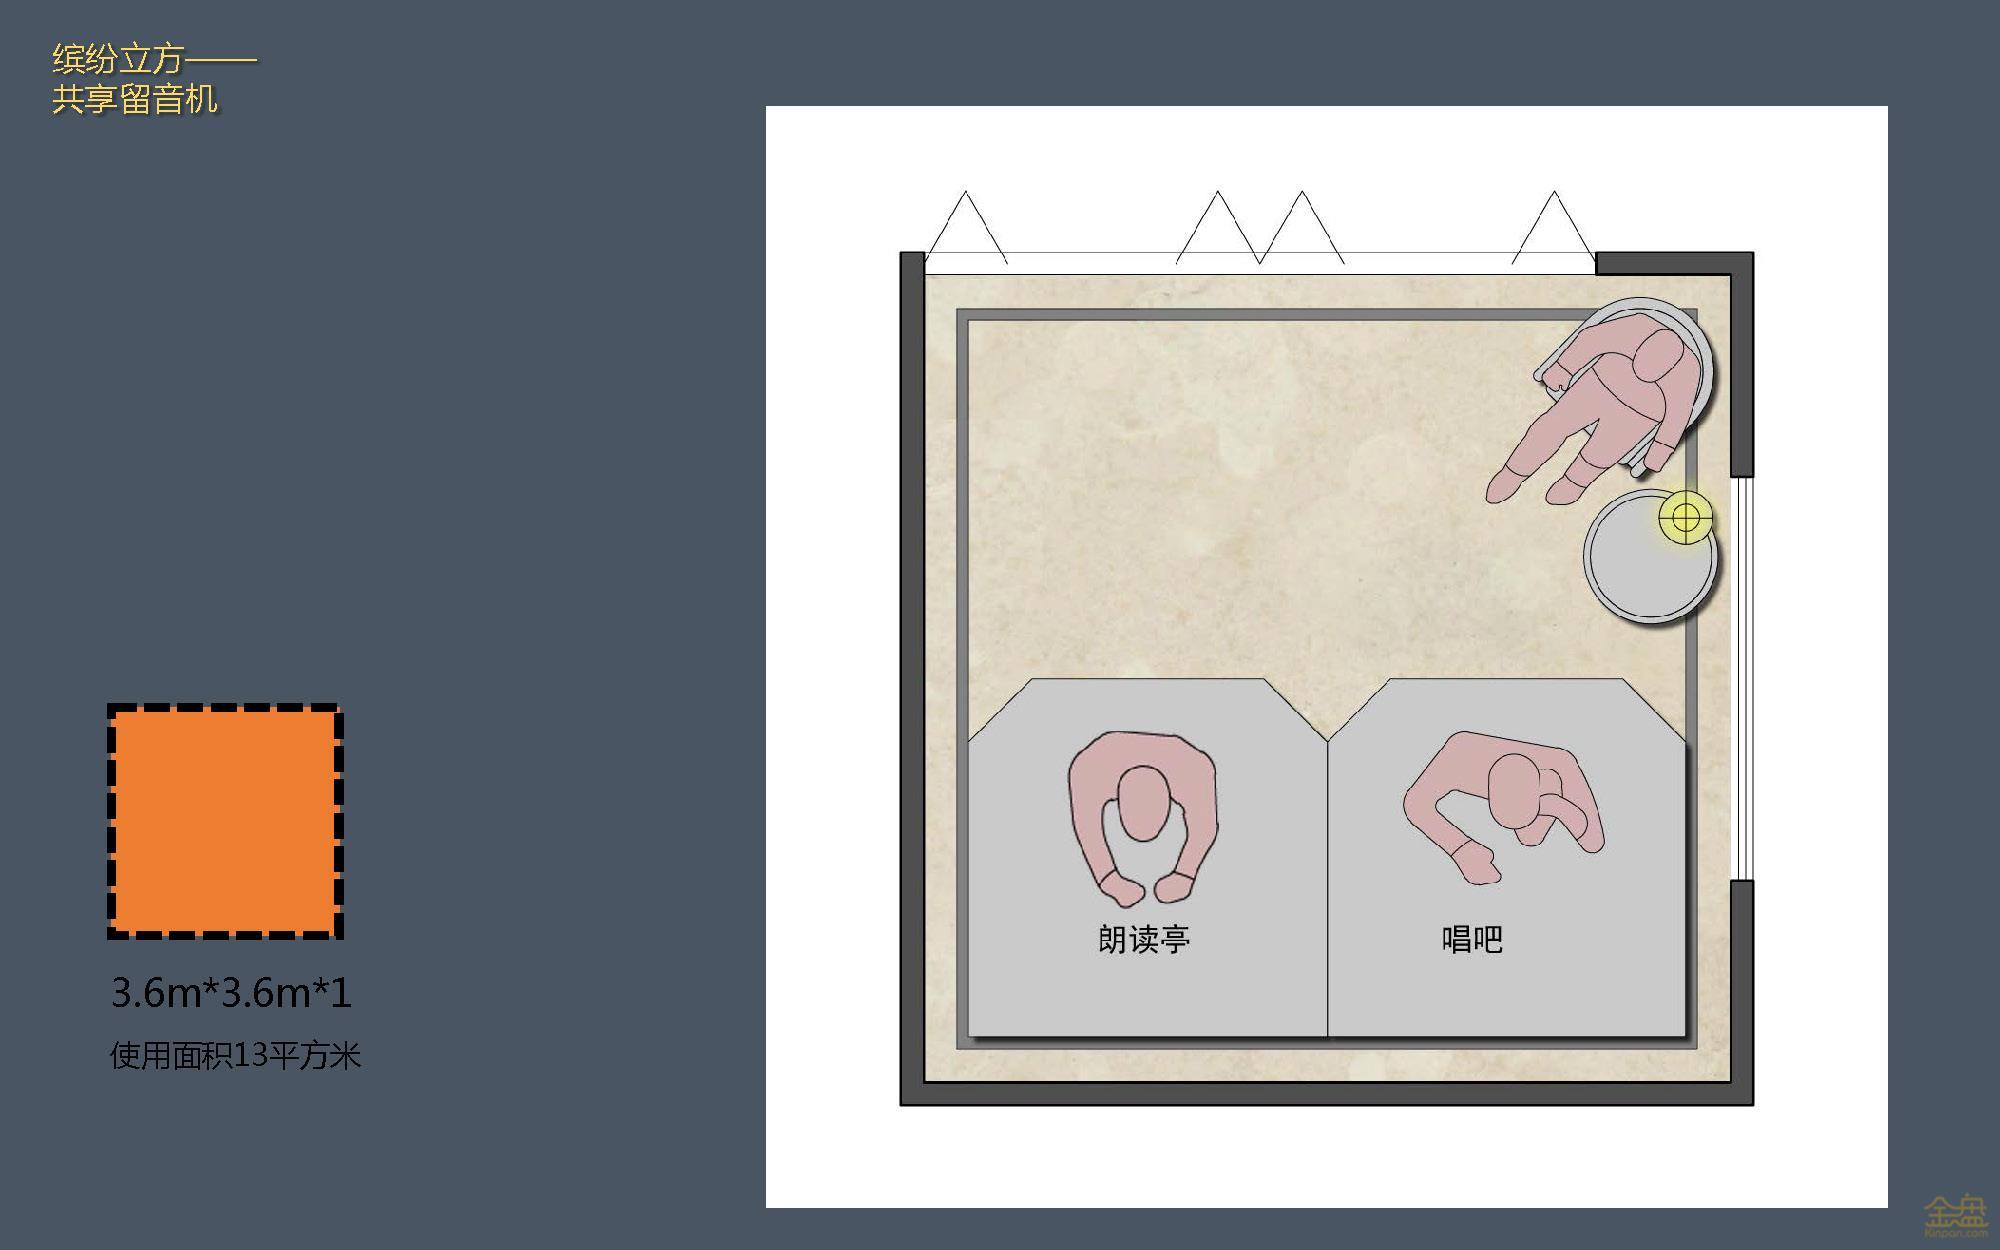 缤纷盒子—共享留音机 .jpg